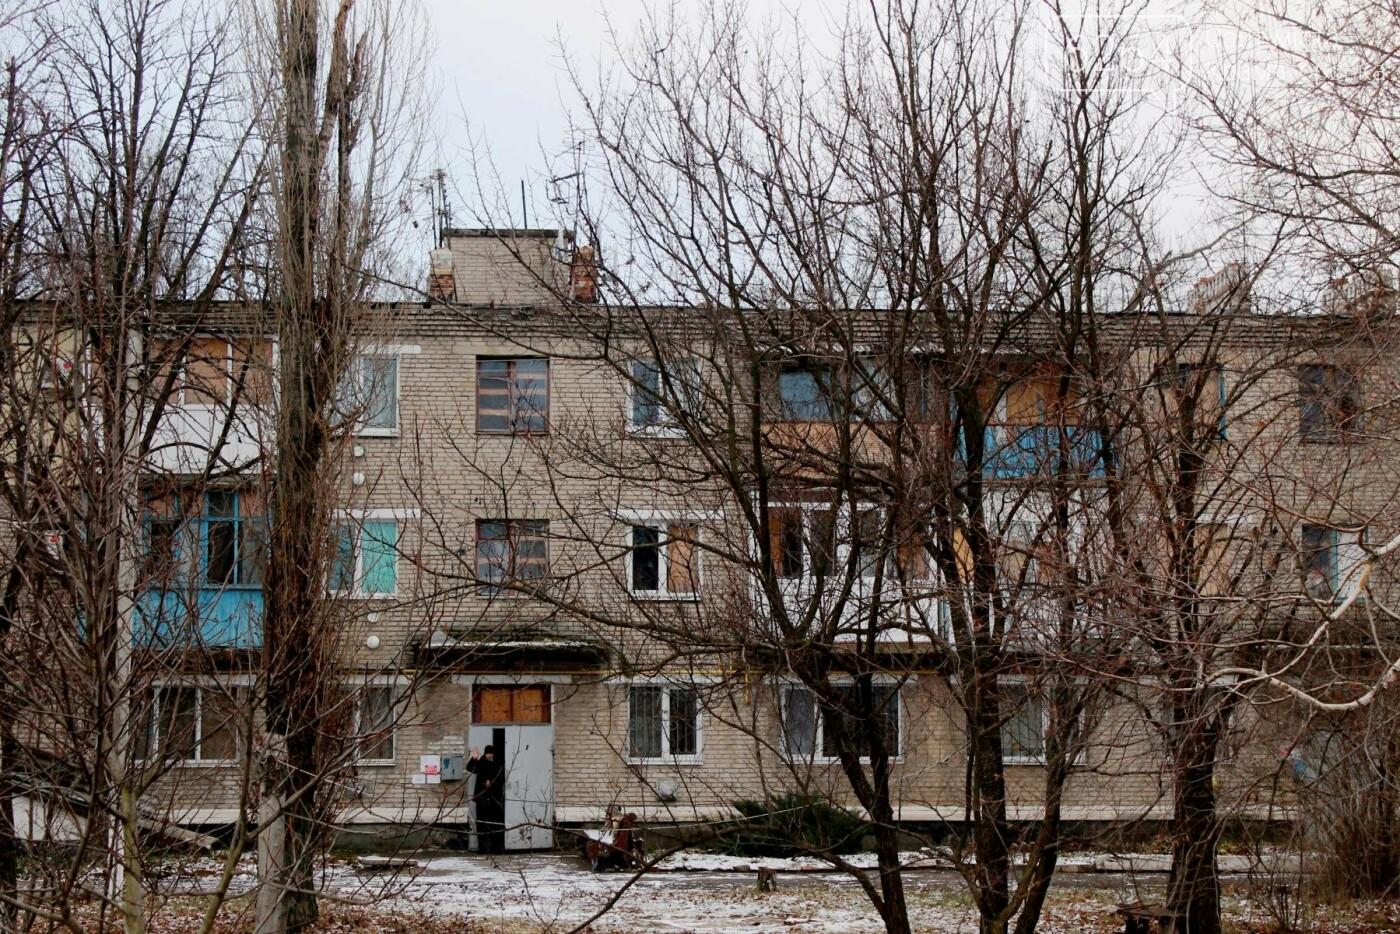 Необъявленная война глазами очевидцев: Марьинка - тонкая граница между стабильностью и разрушенным благополучием , фото-8